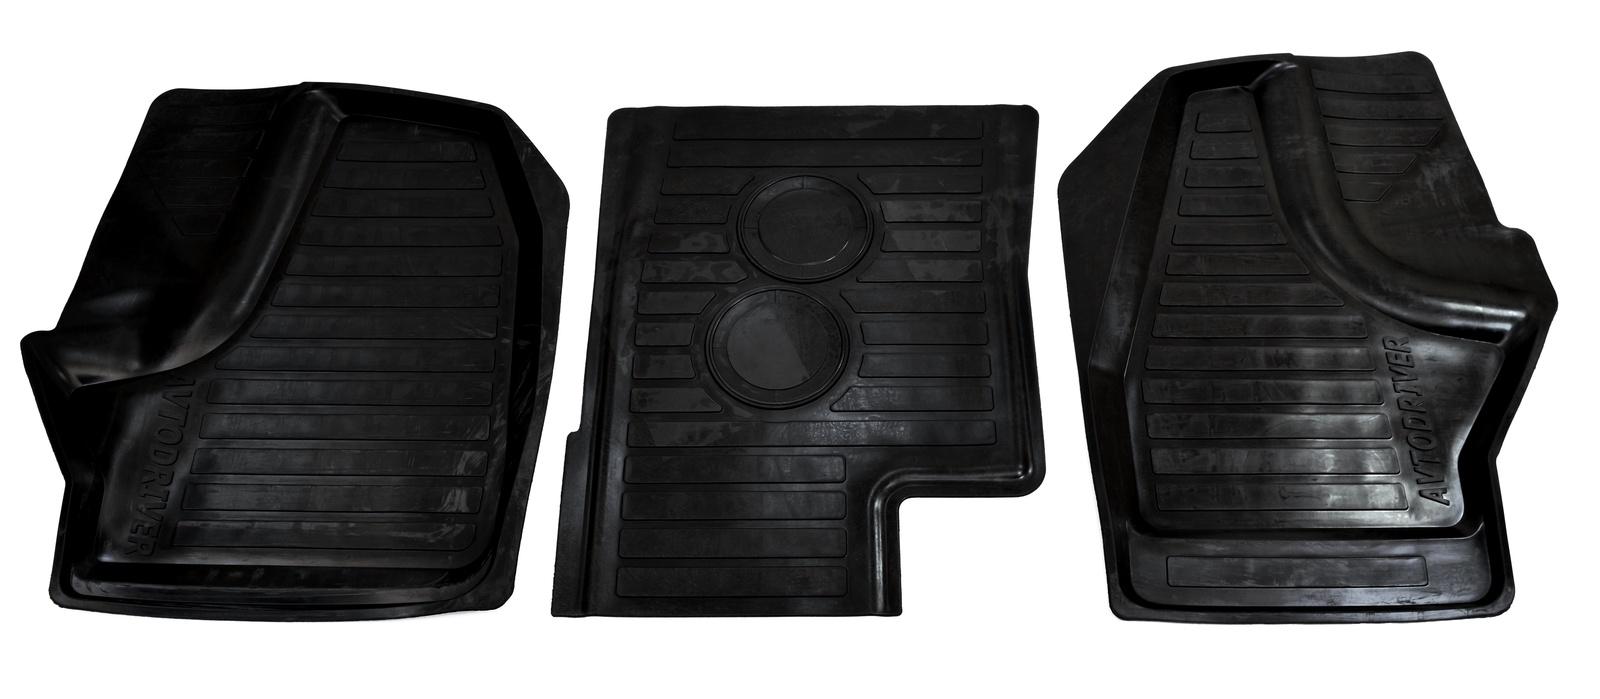 Коврики в салон автомобиля Avtodriver, для Газель Next, 2013-, Next, 2016-, ручка КПП на приборной панели, ГАЗон Next, 2014-, передние, ADRAVG247, резиновые, с бортиком, черный